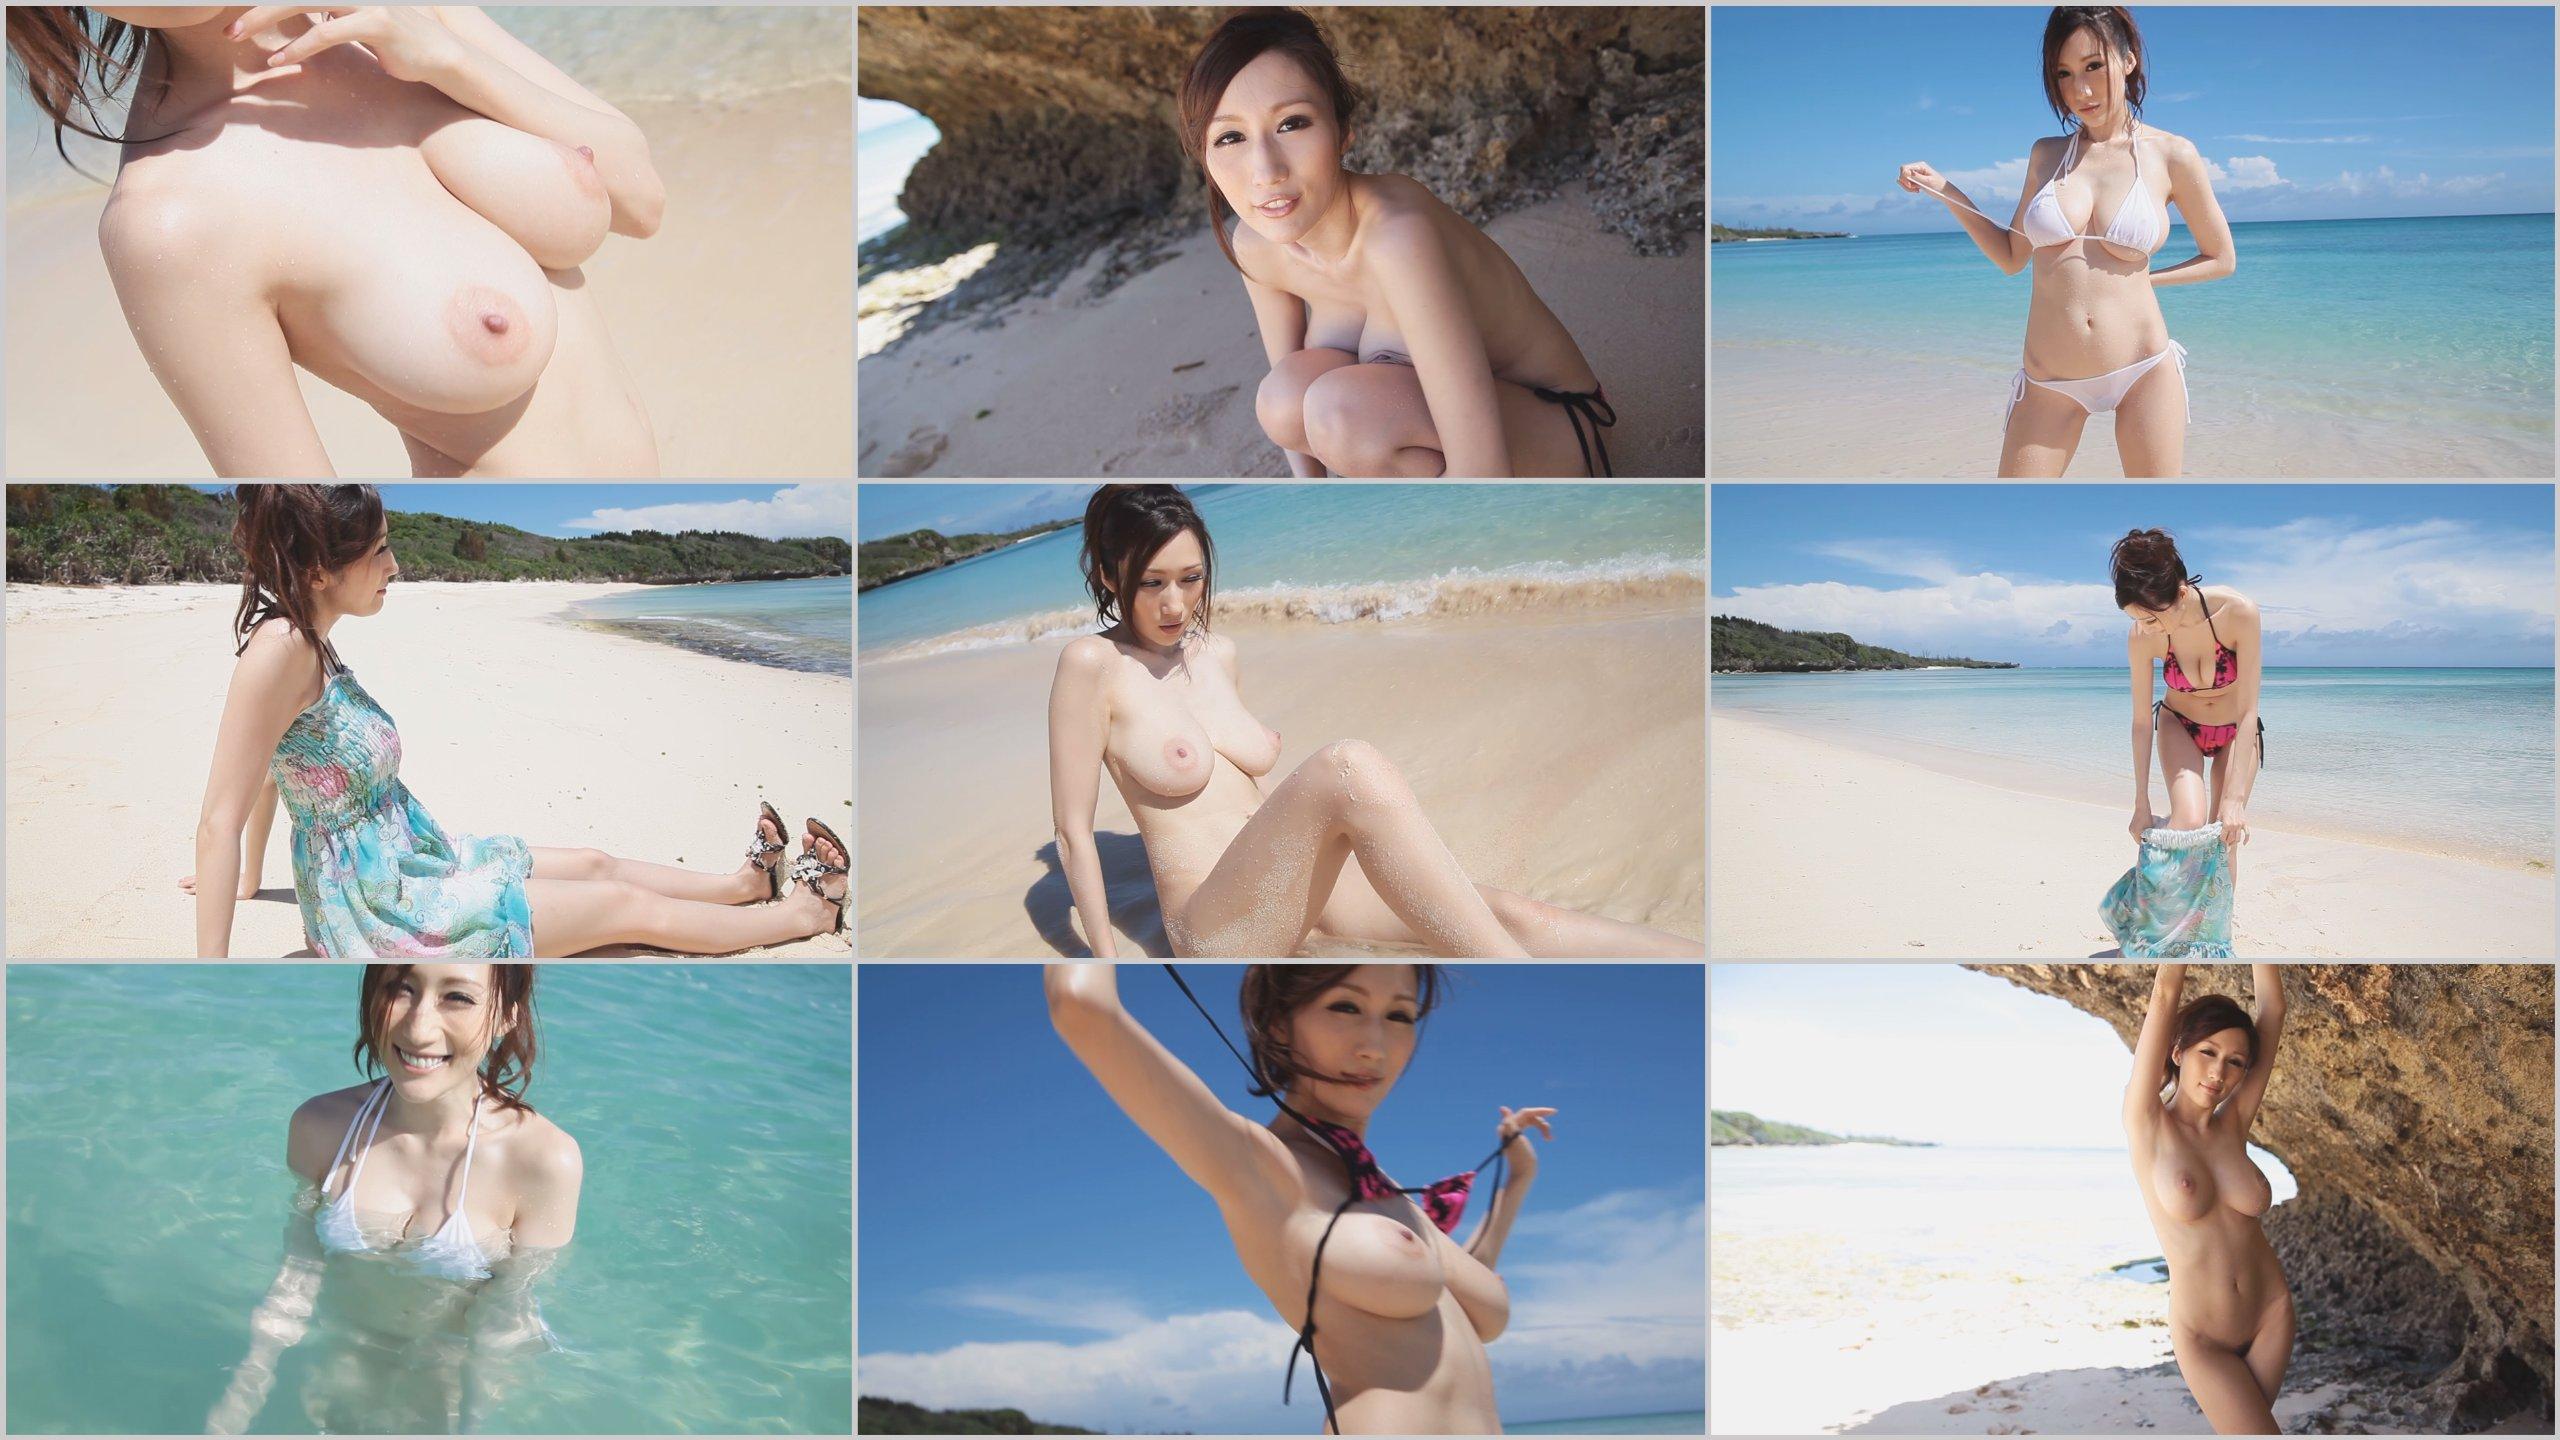 むしゃぶりつきたくなるカラダの女 32人目xvideo>1本 YouTube動画>4本 ->画像>1047枚